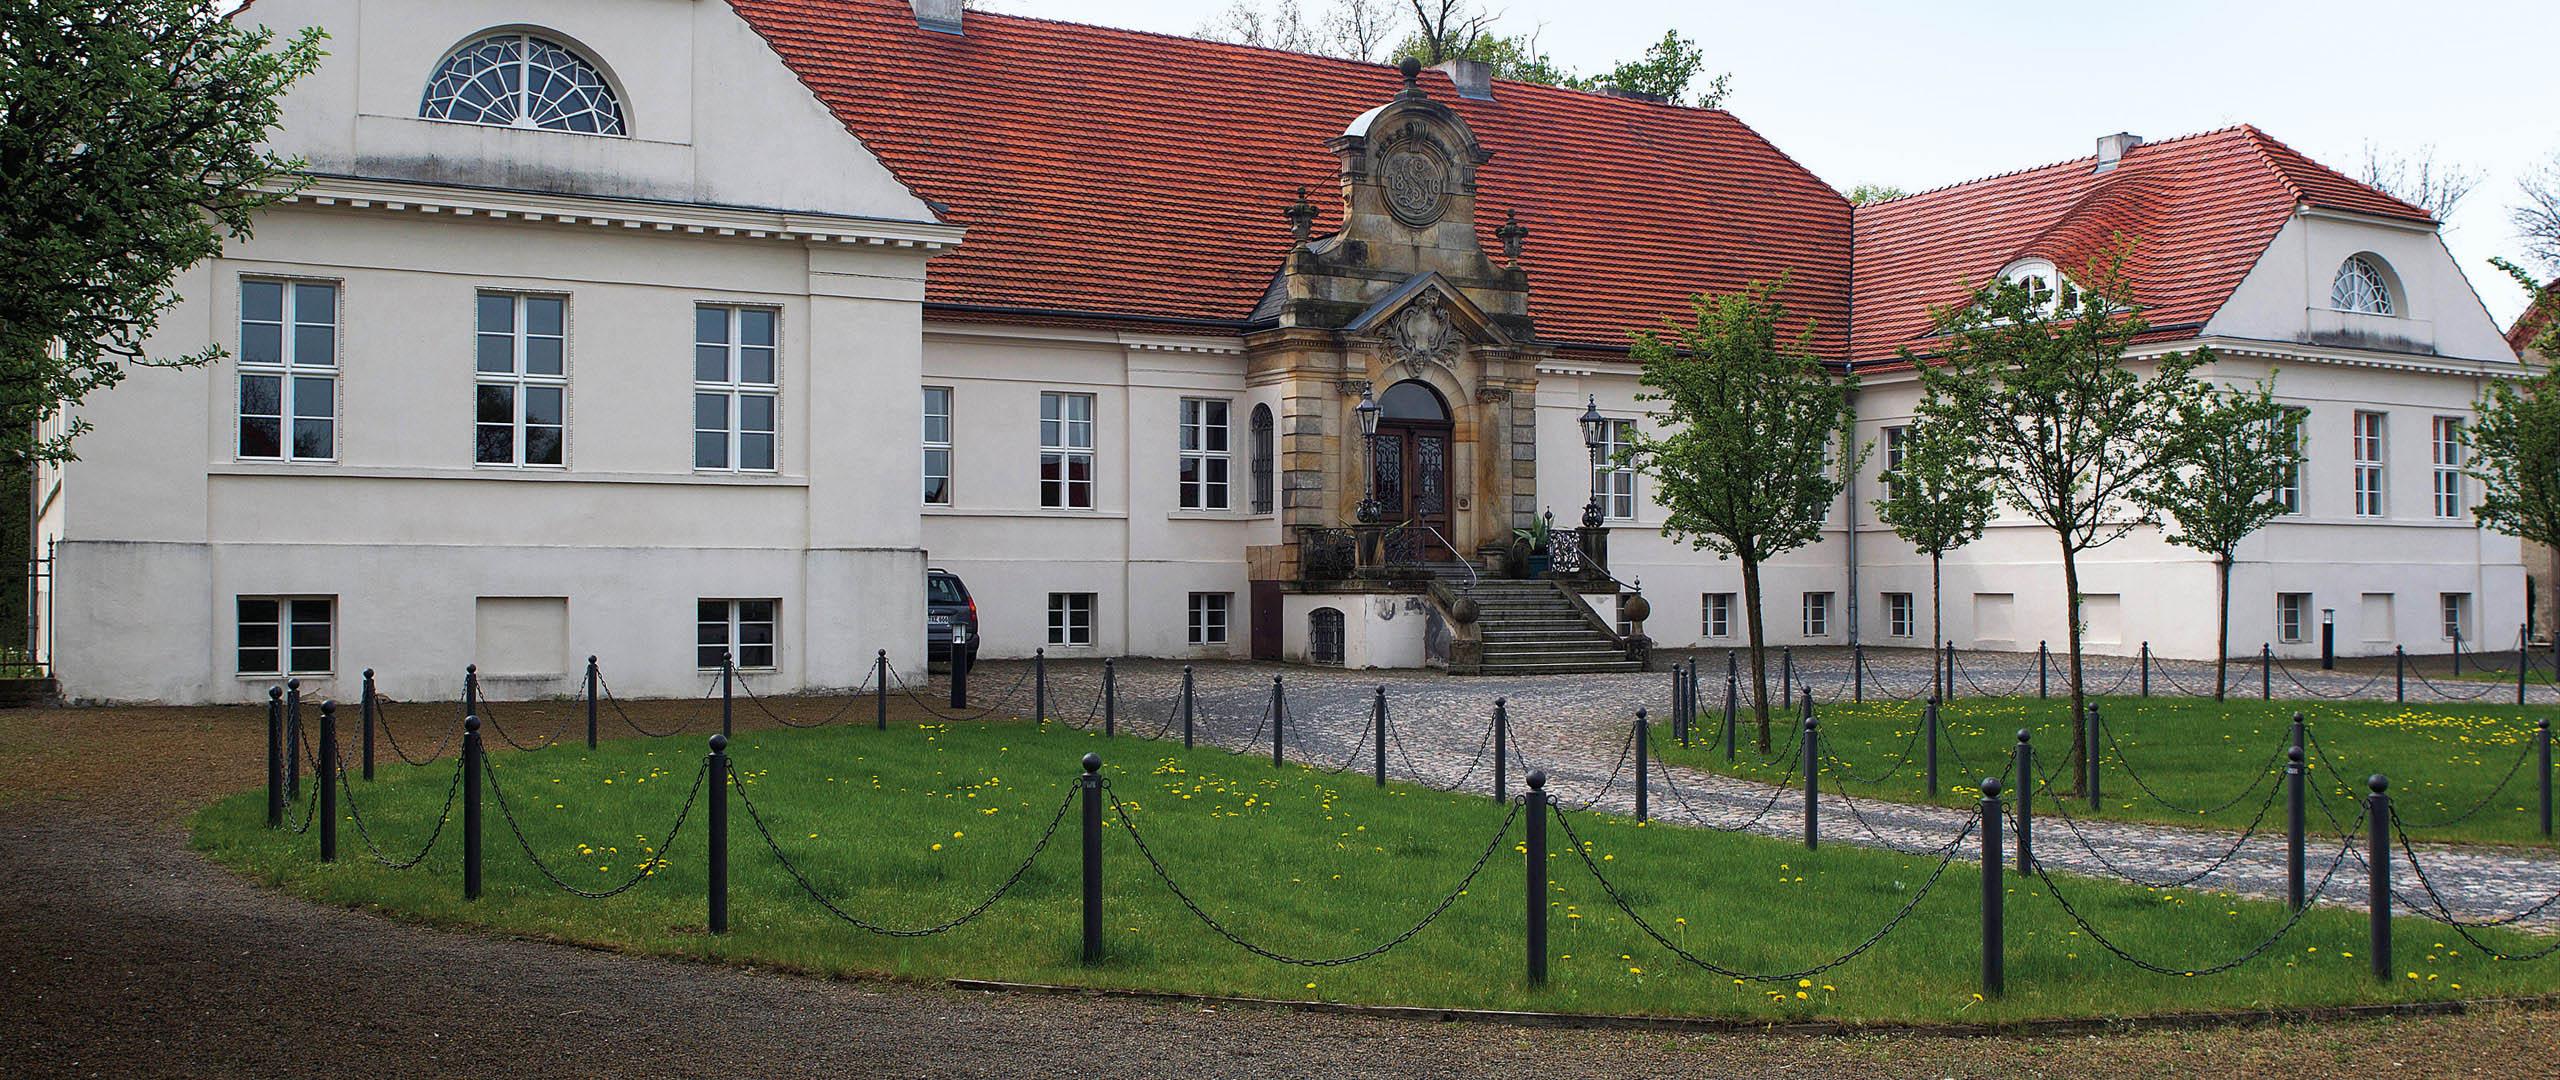 slider-hgr-schloss-diedersdorf-011